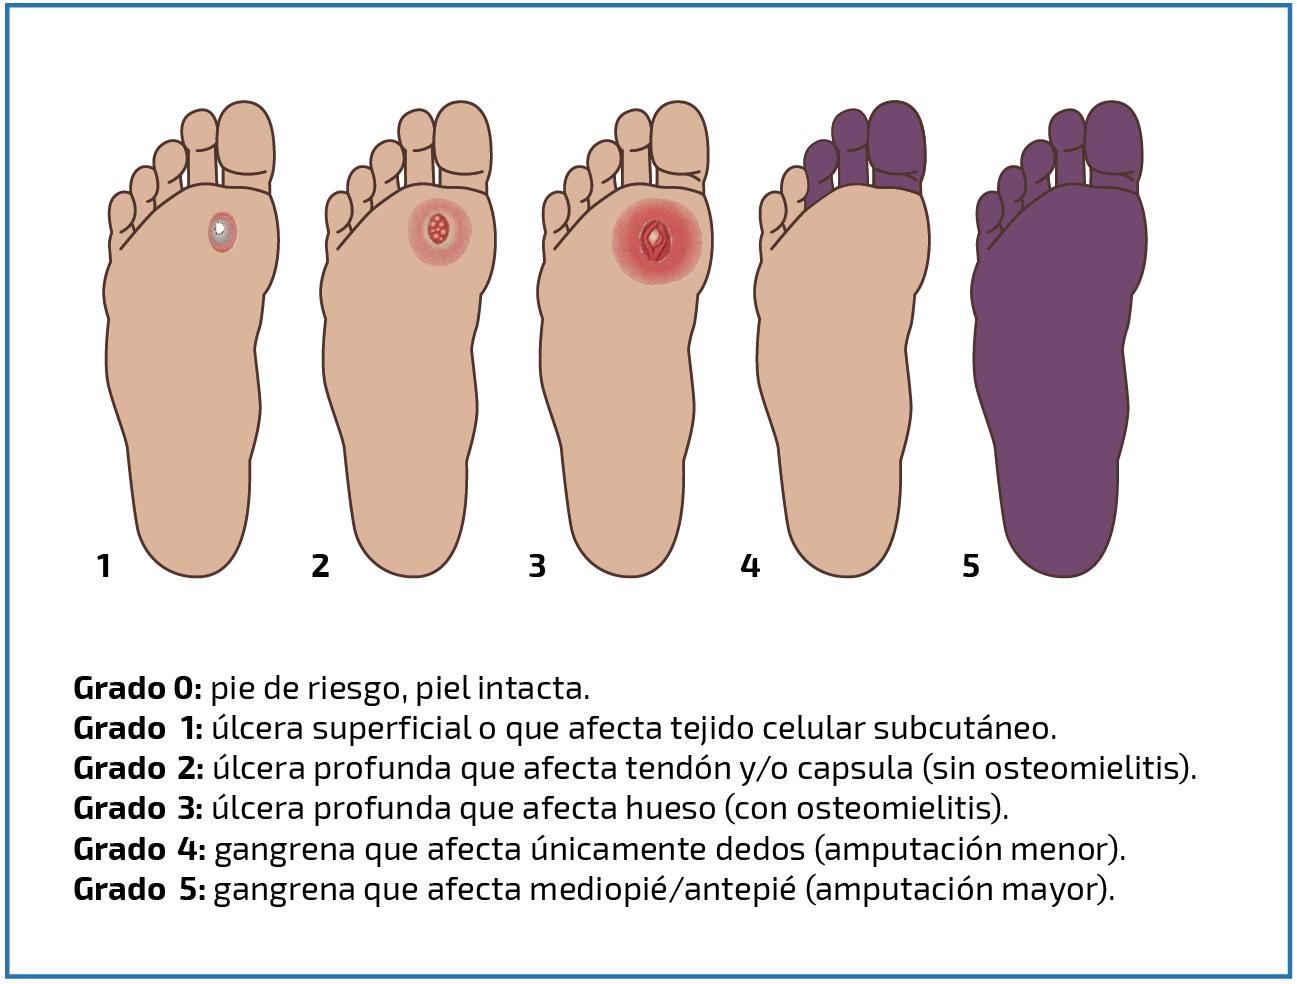 imágenes de diabetes de úlceras necróticas del pie